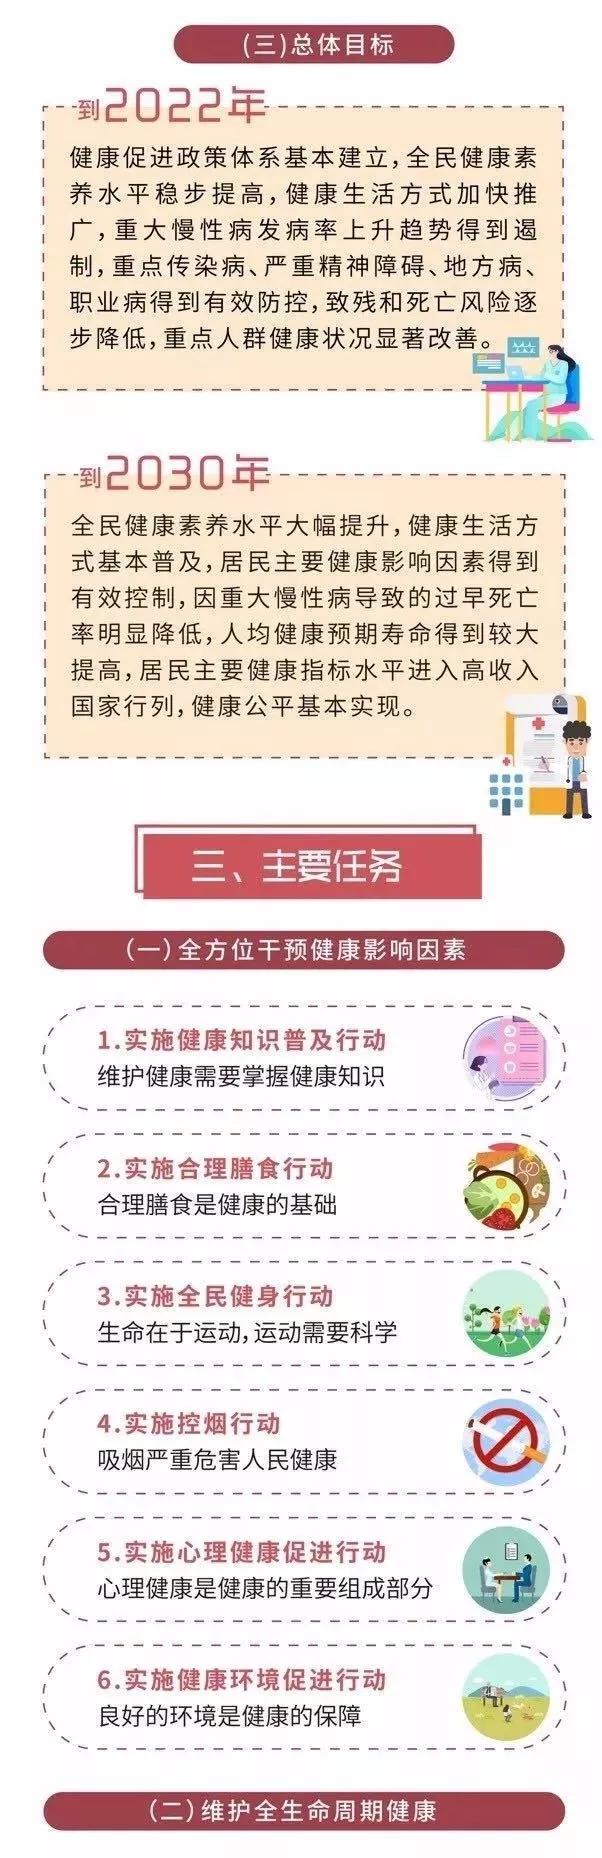 """健康管理师——""""健康中国行动""""推动下的火热职业"""